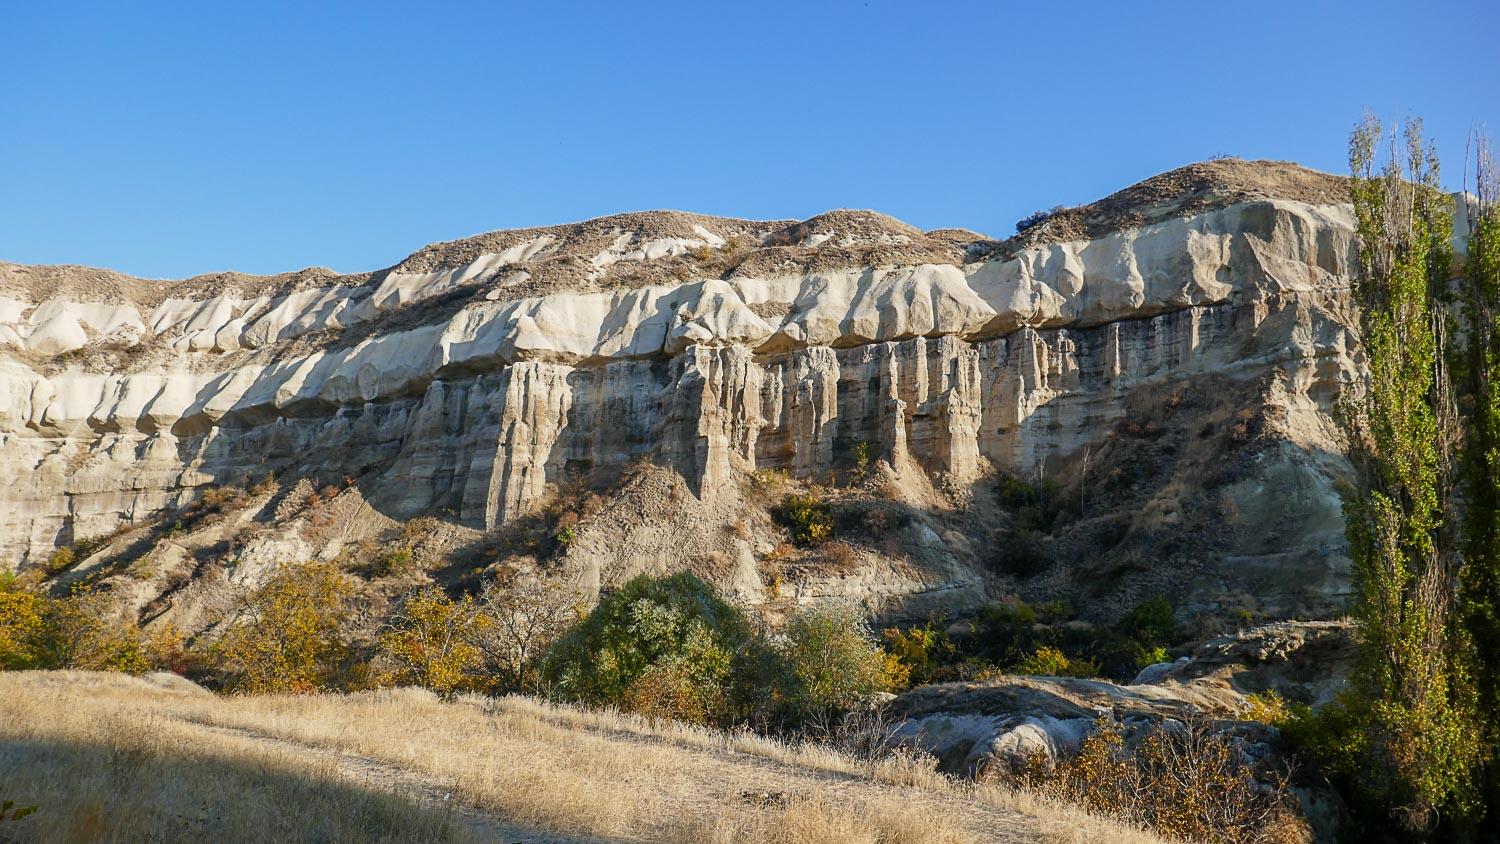 Еще немного бесподобных скал Каппадокии